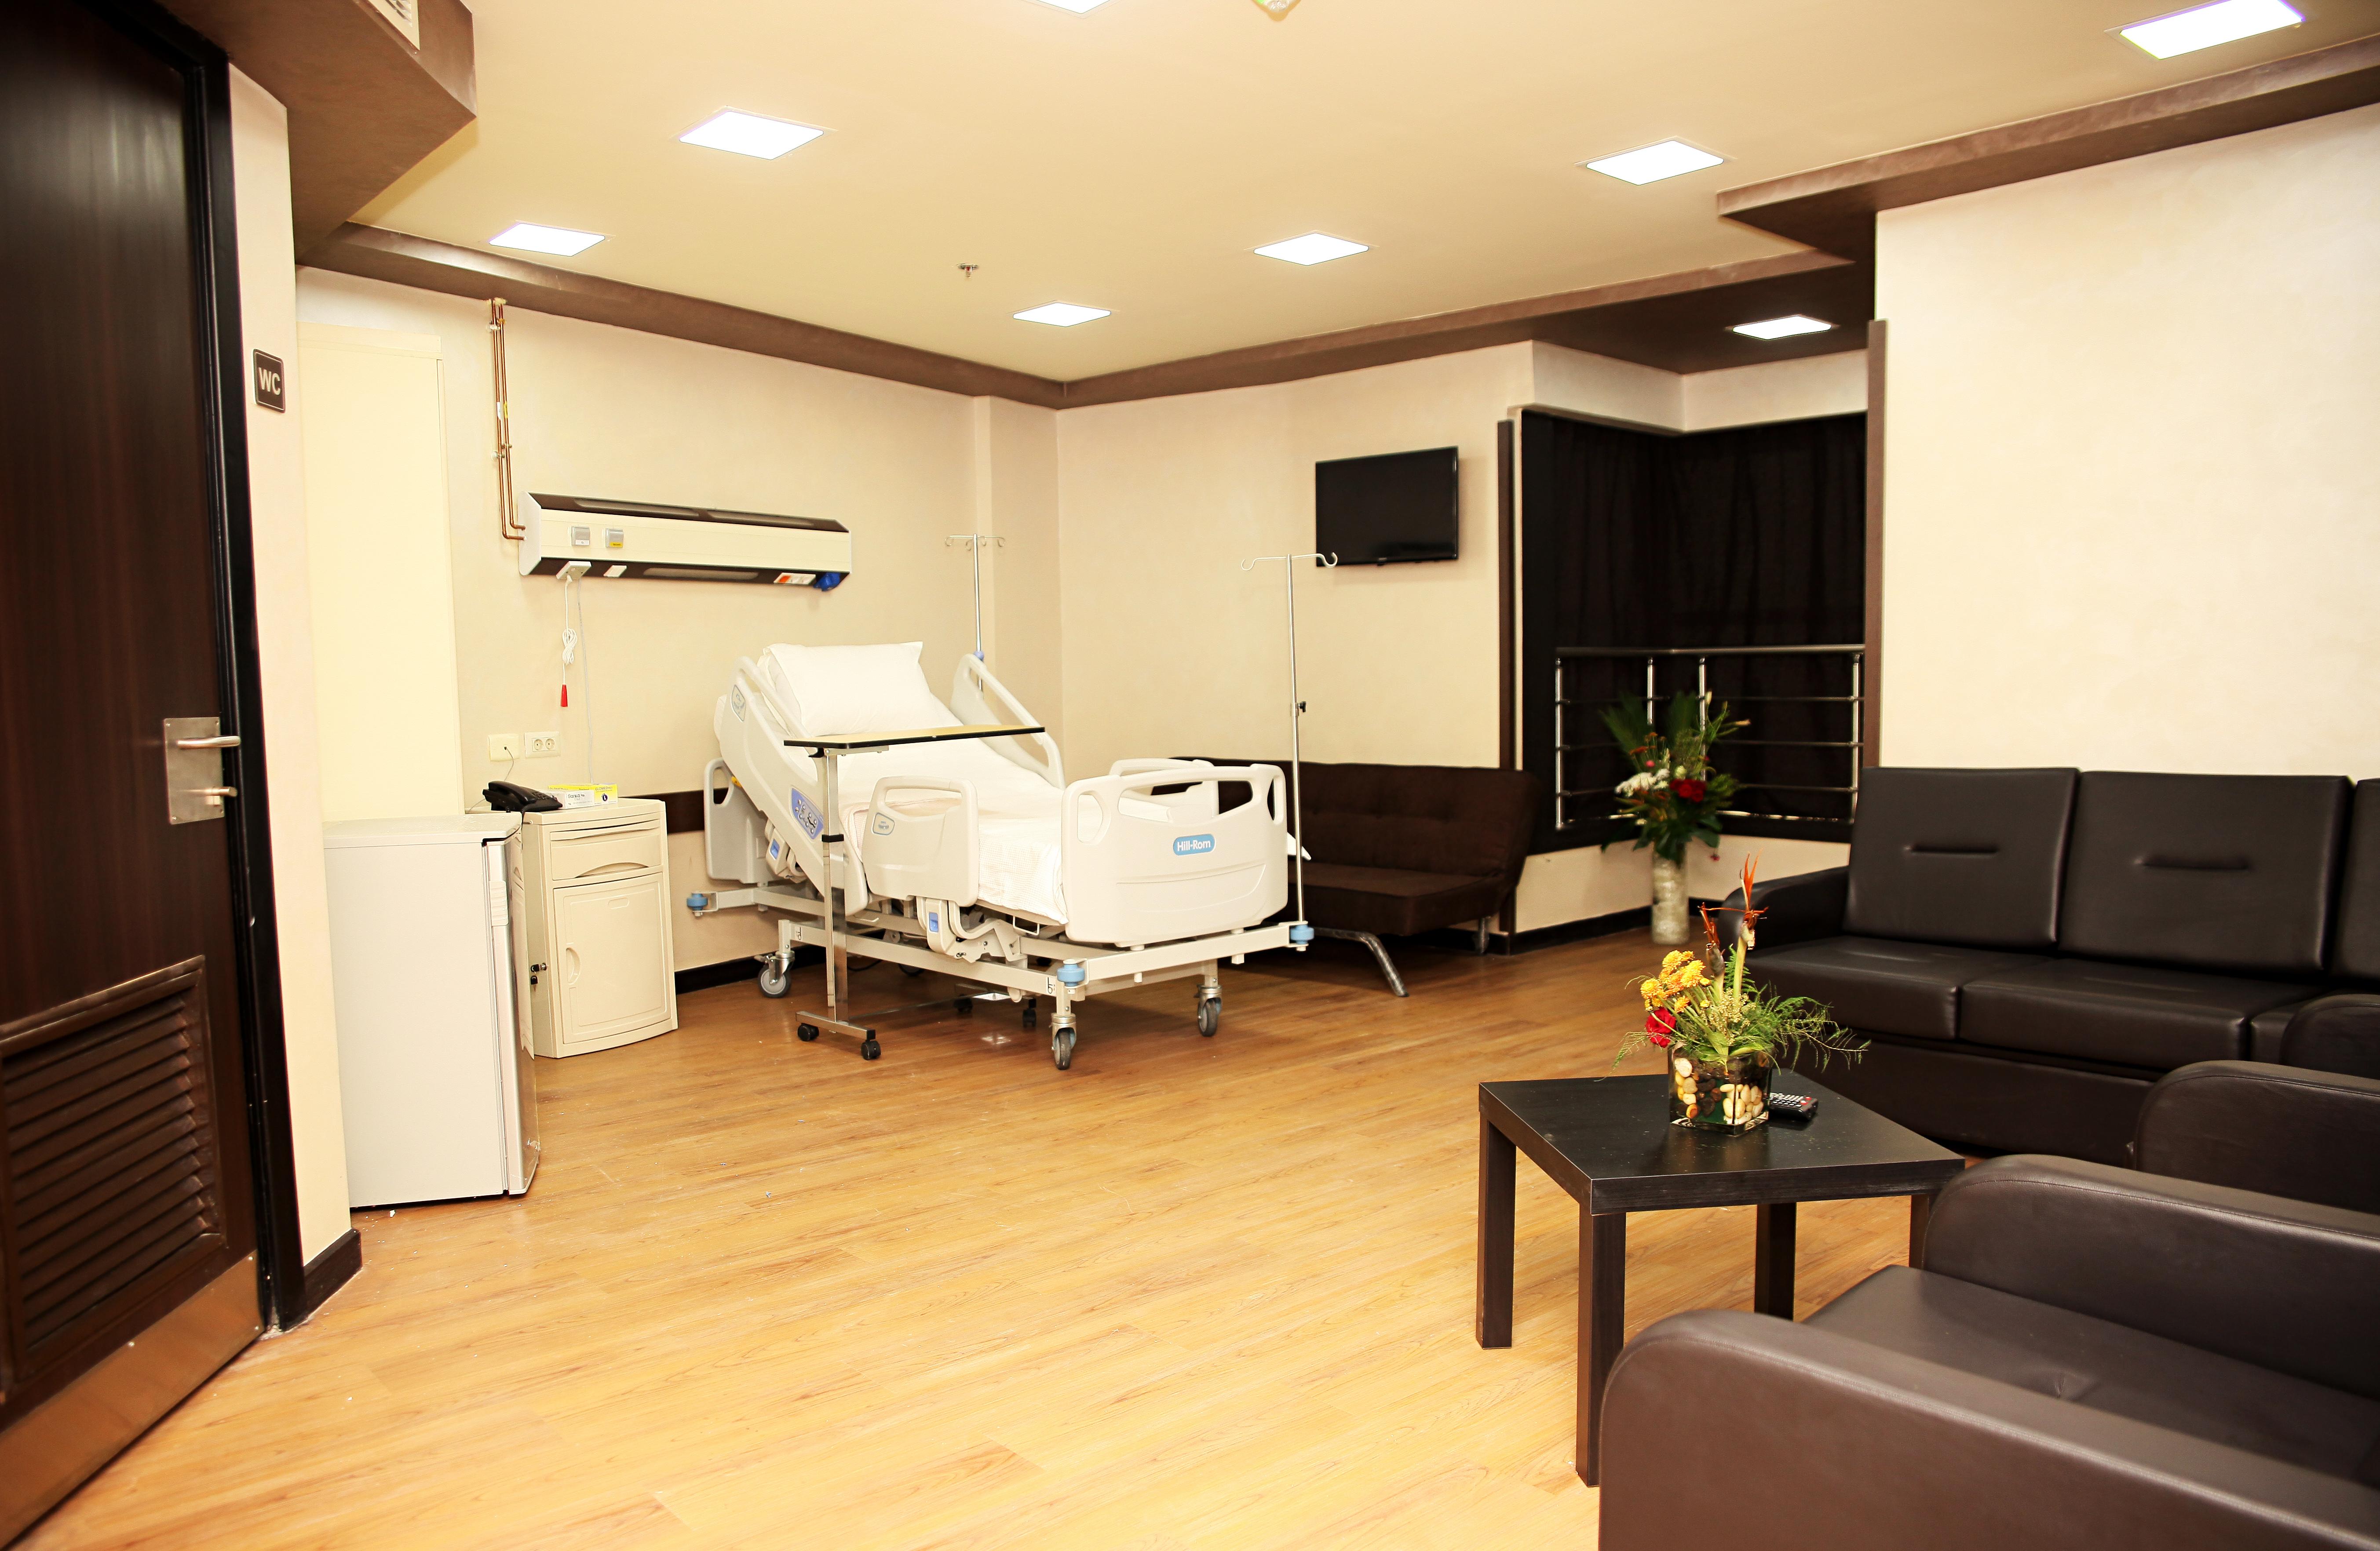 الإقامة بالمستشفى